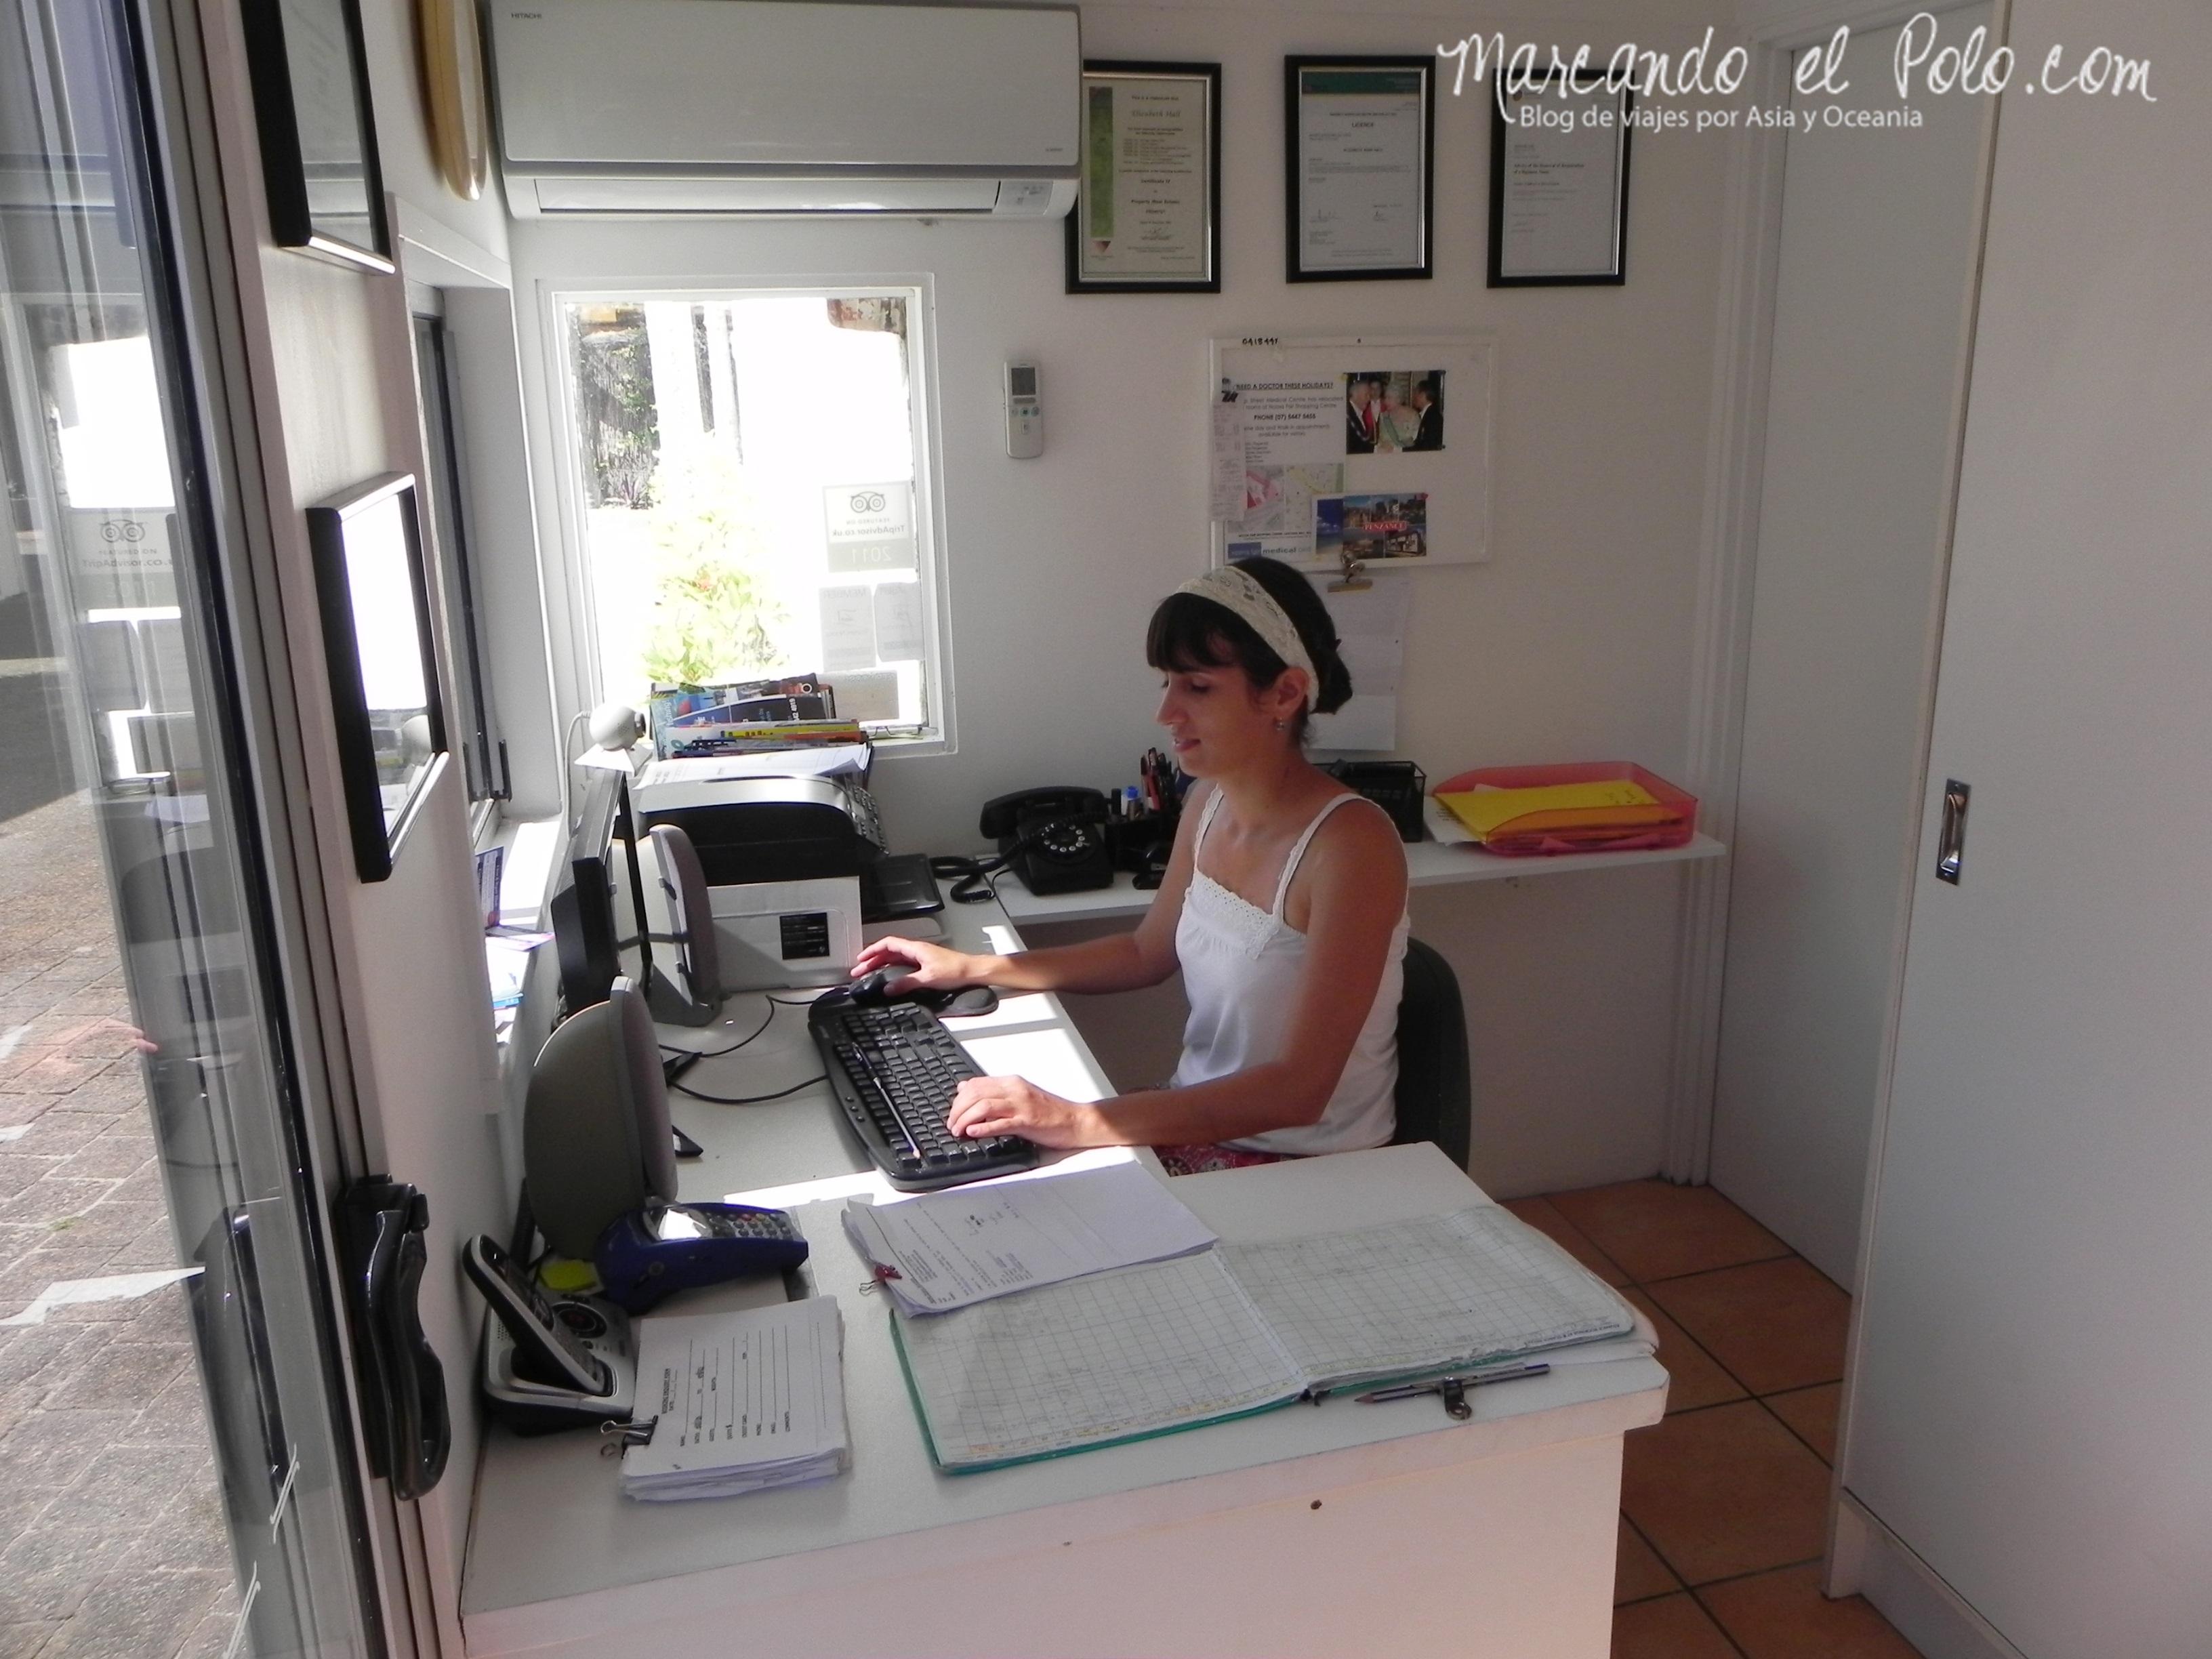 Trabajo en Australia: recepción de un hotel en Noosa, Queensland